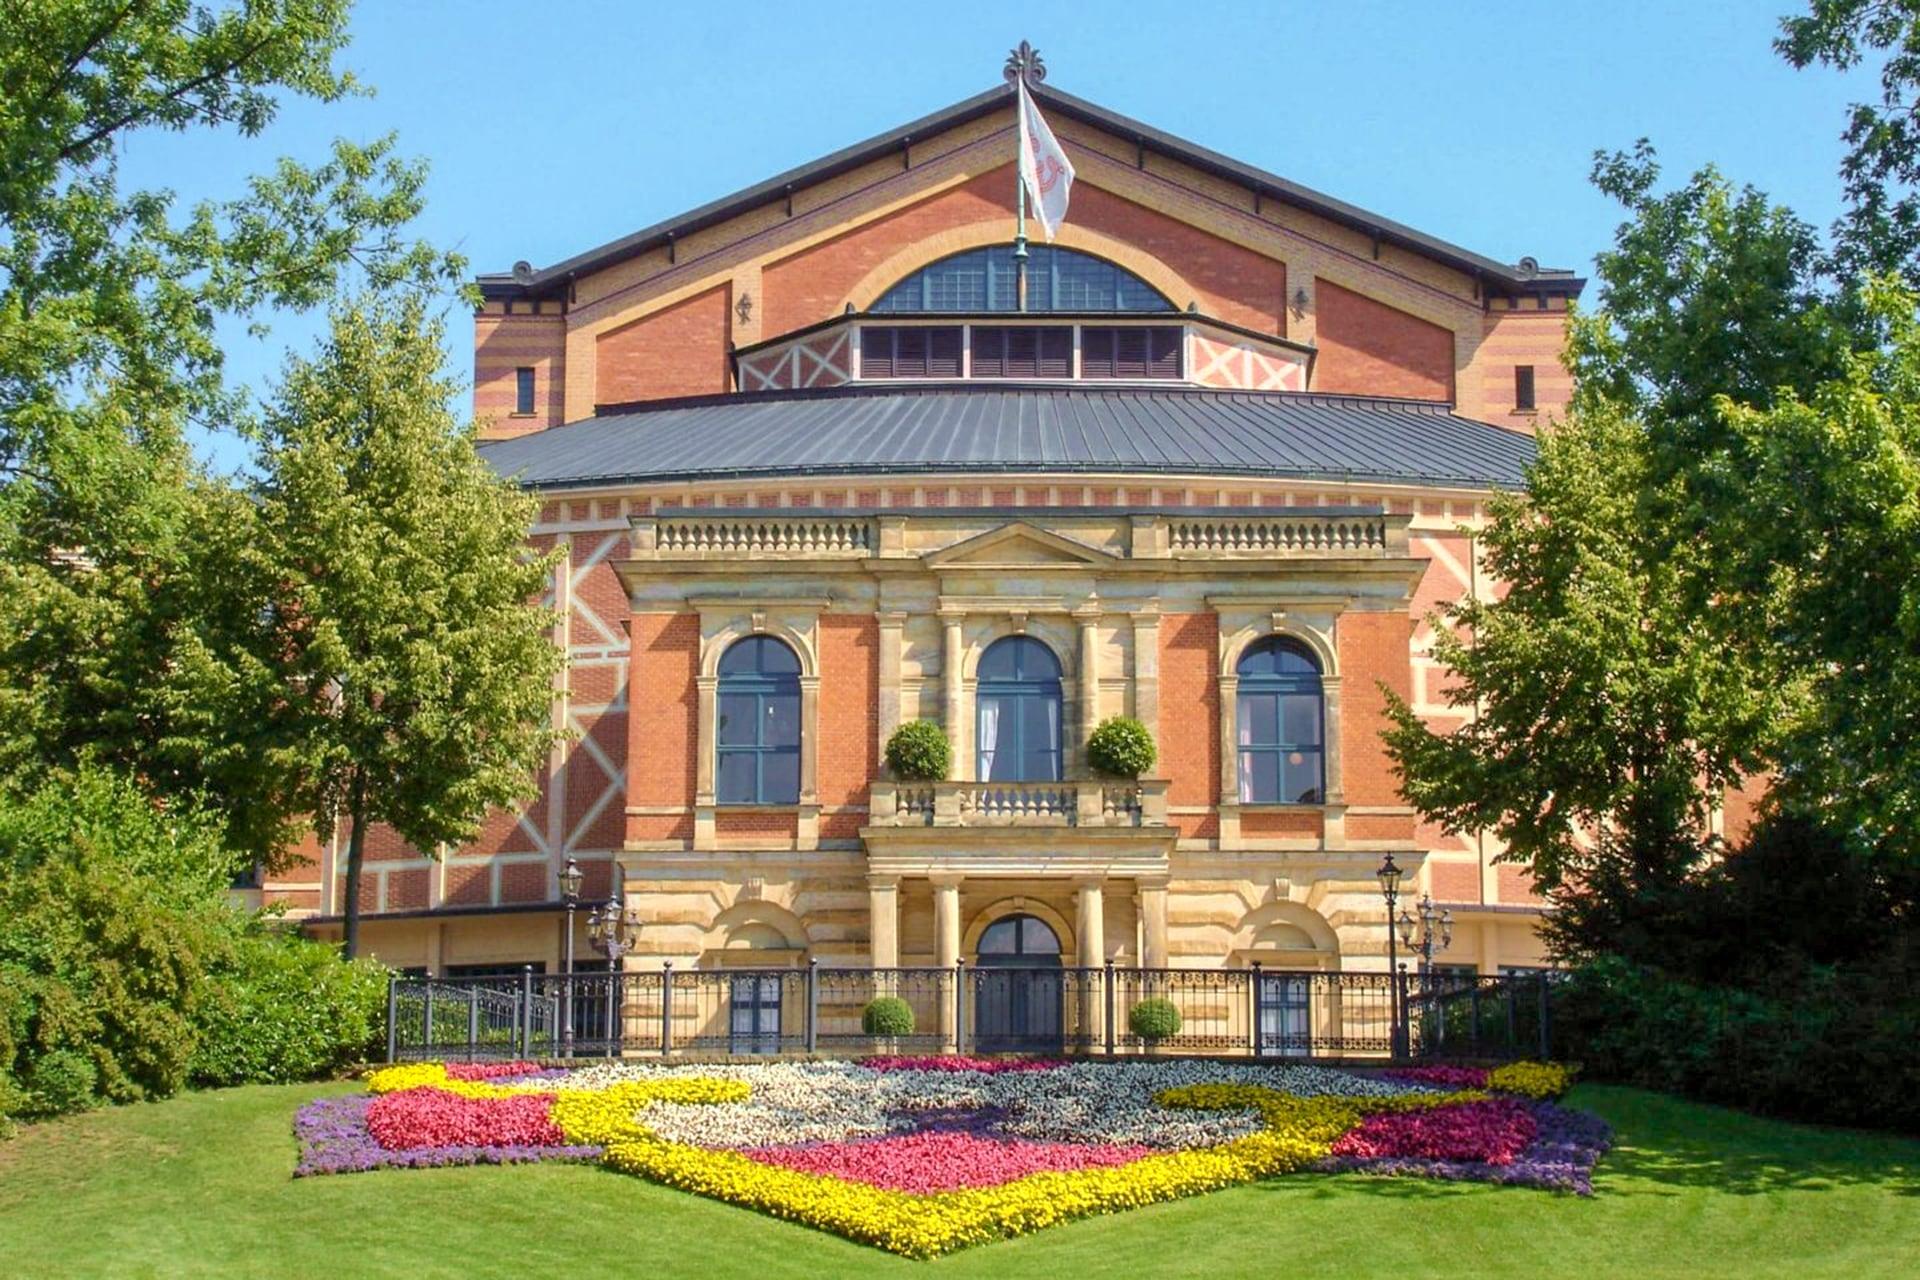 festspielhaus-bayreuth-marketing-tourismus-gmbh